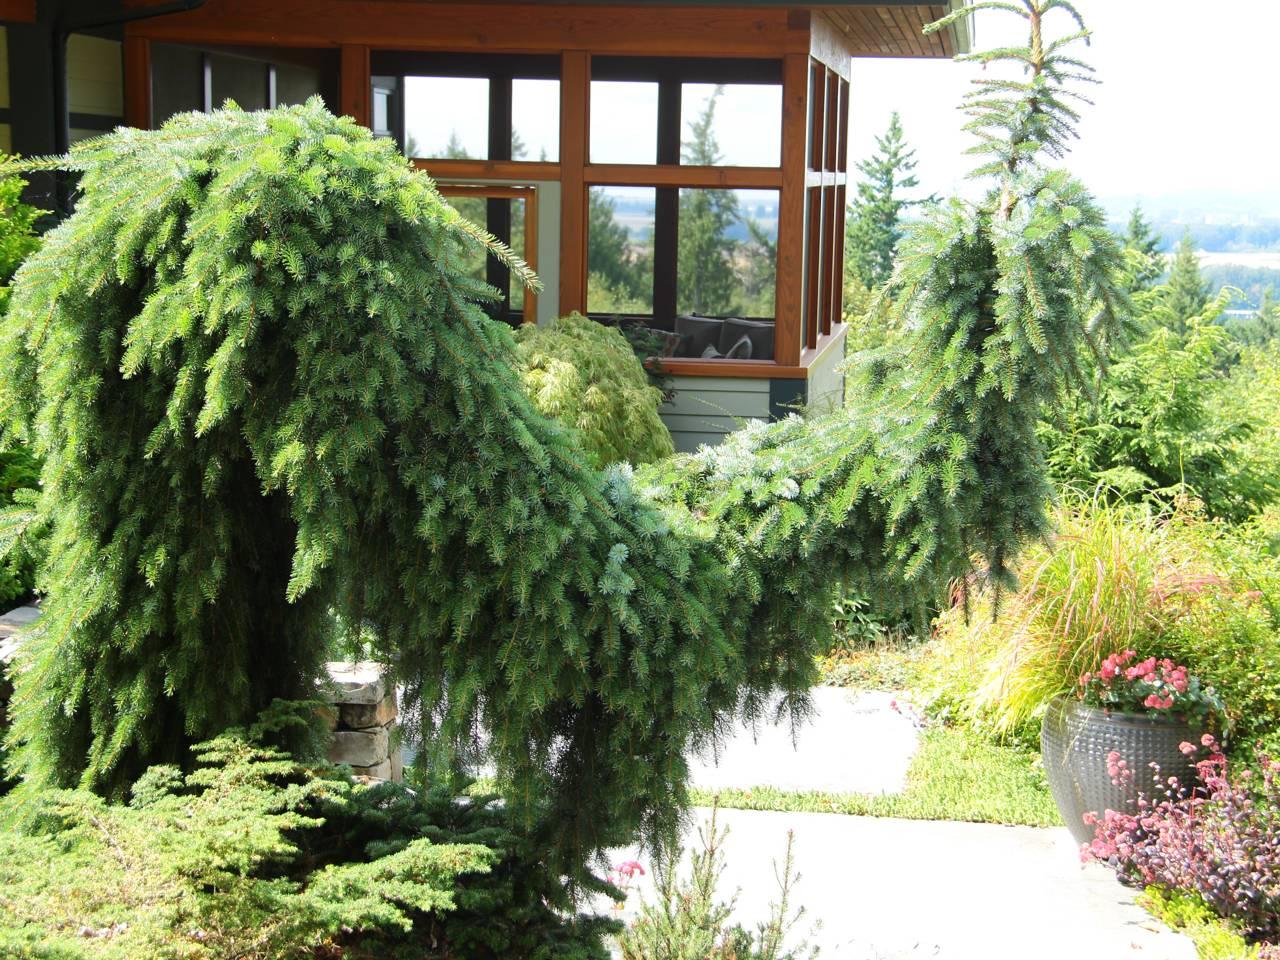 Picea omorika Pendula Bruns conifer evergreen unique forms green